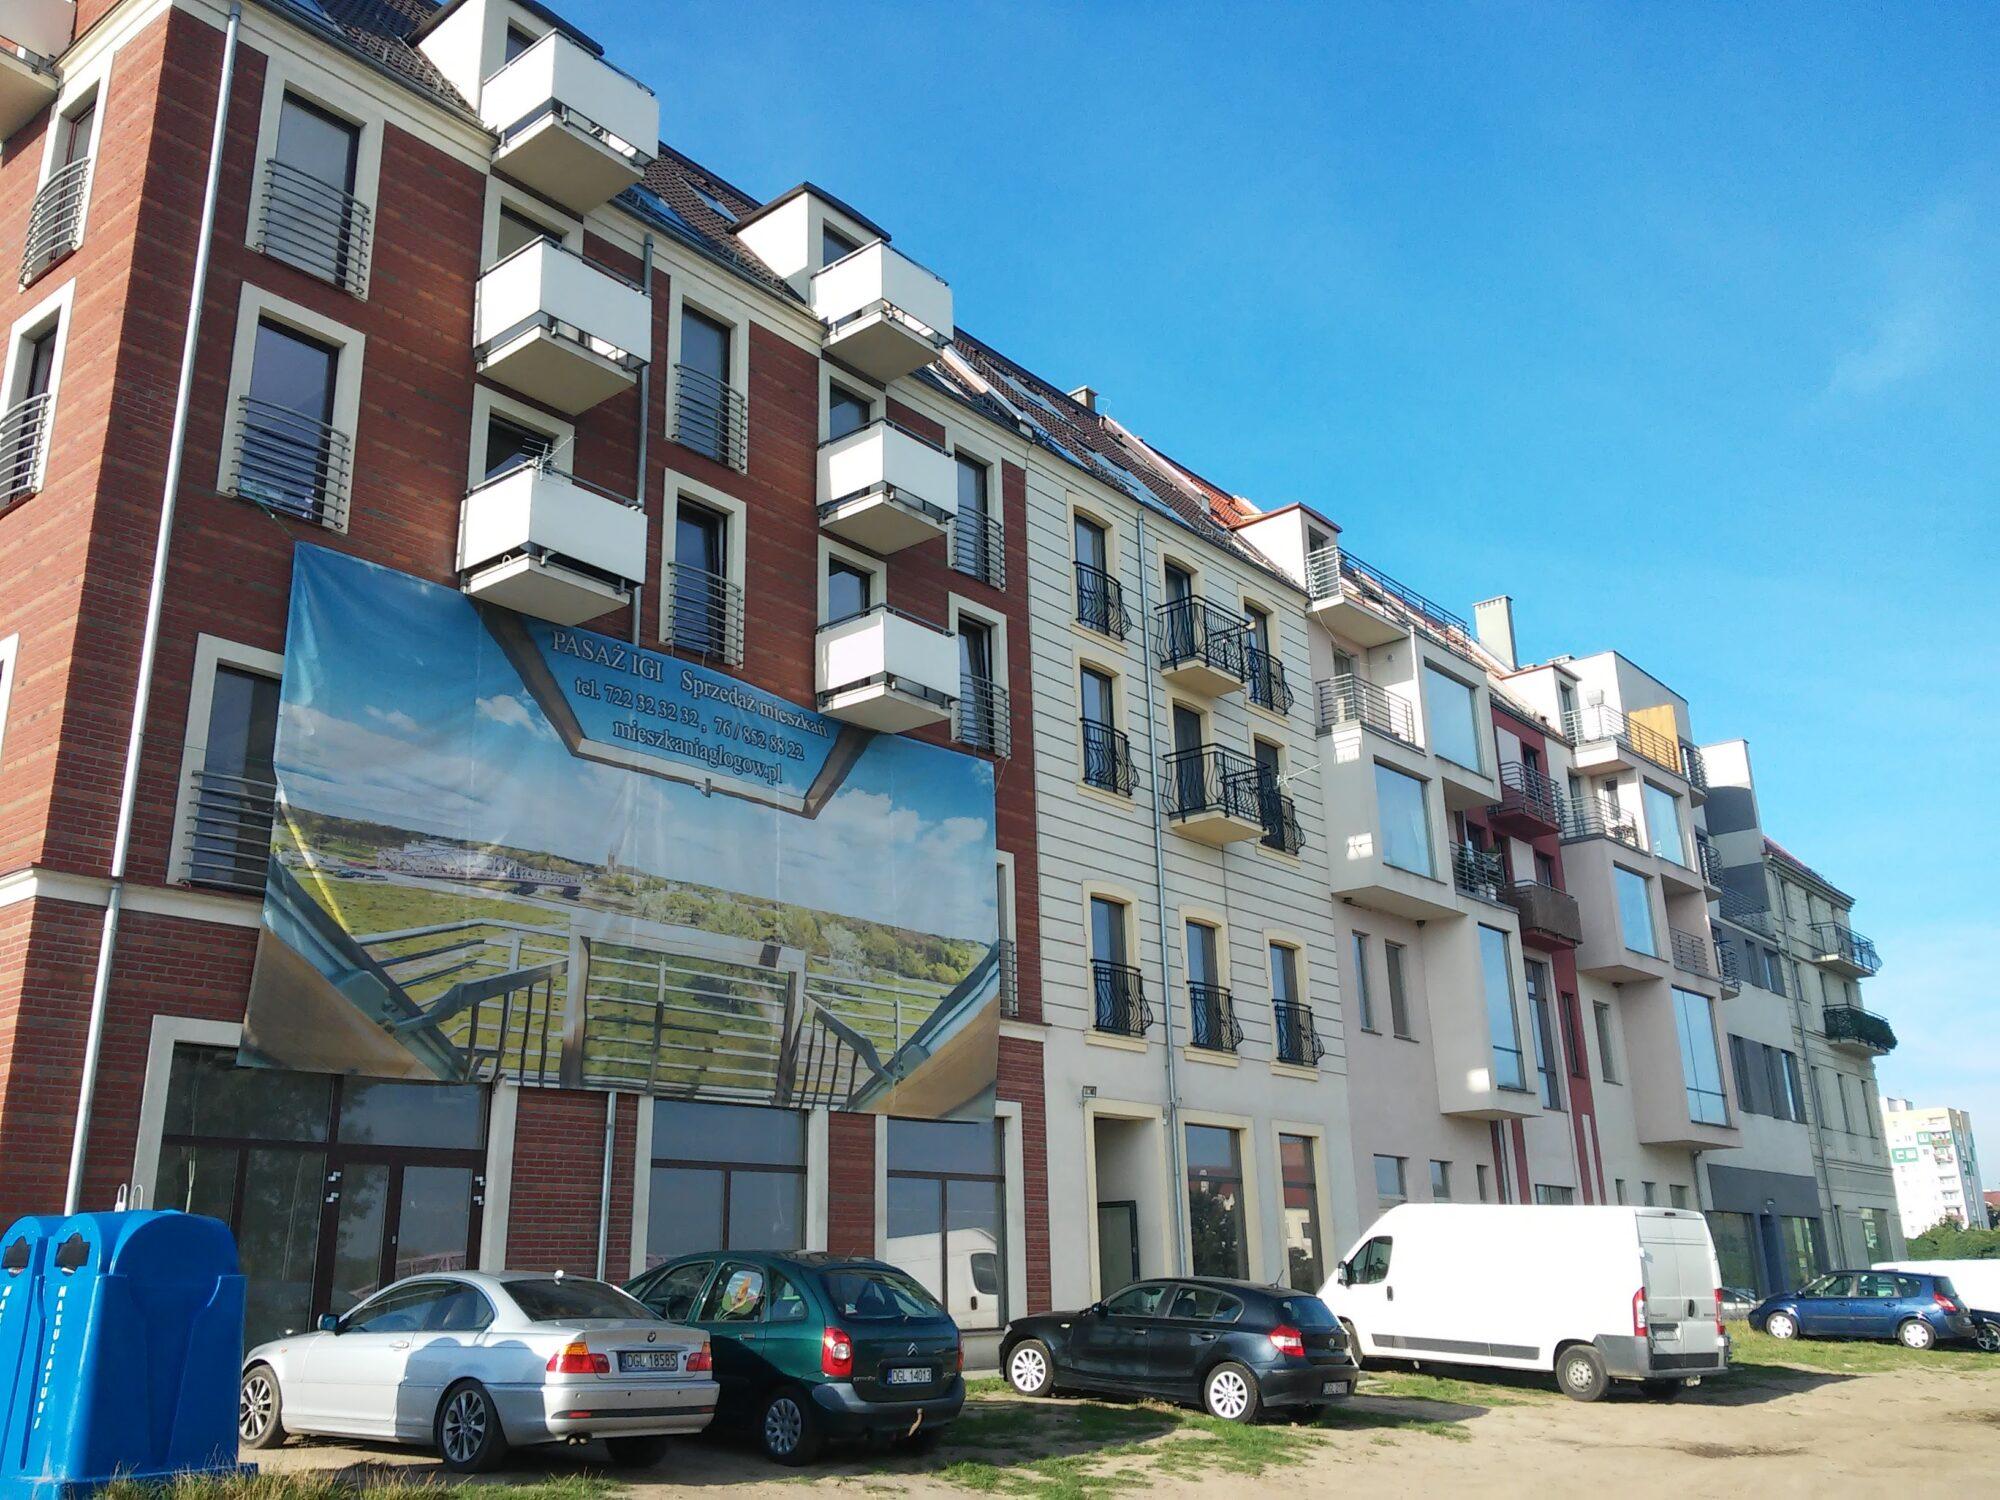 (Polski) Budynek mieszkalno – usługowy w Głogowie przy ulicy Długiej